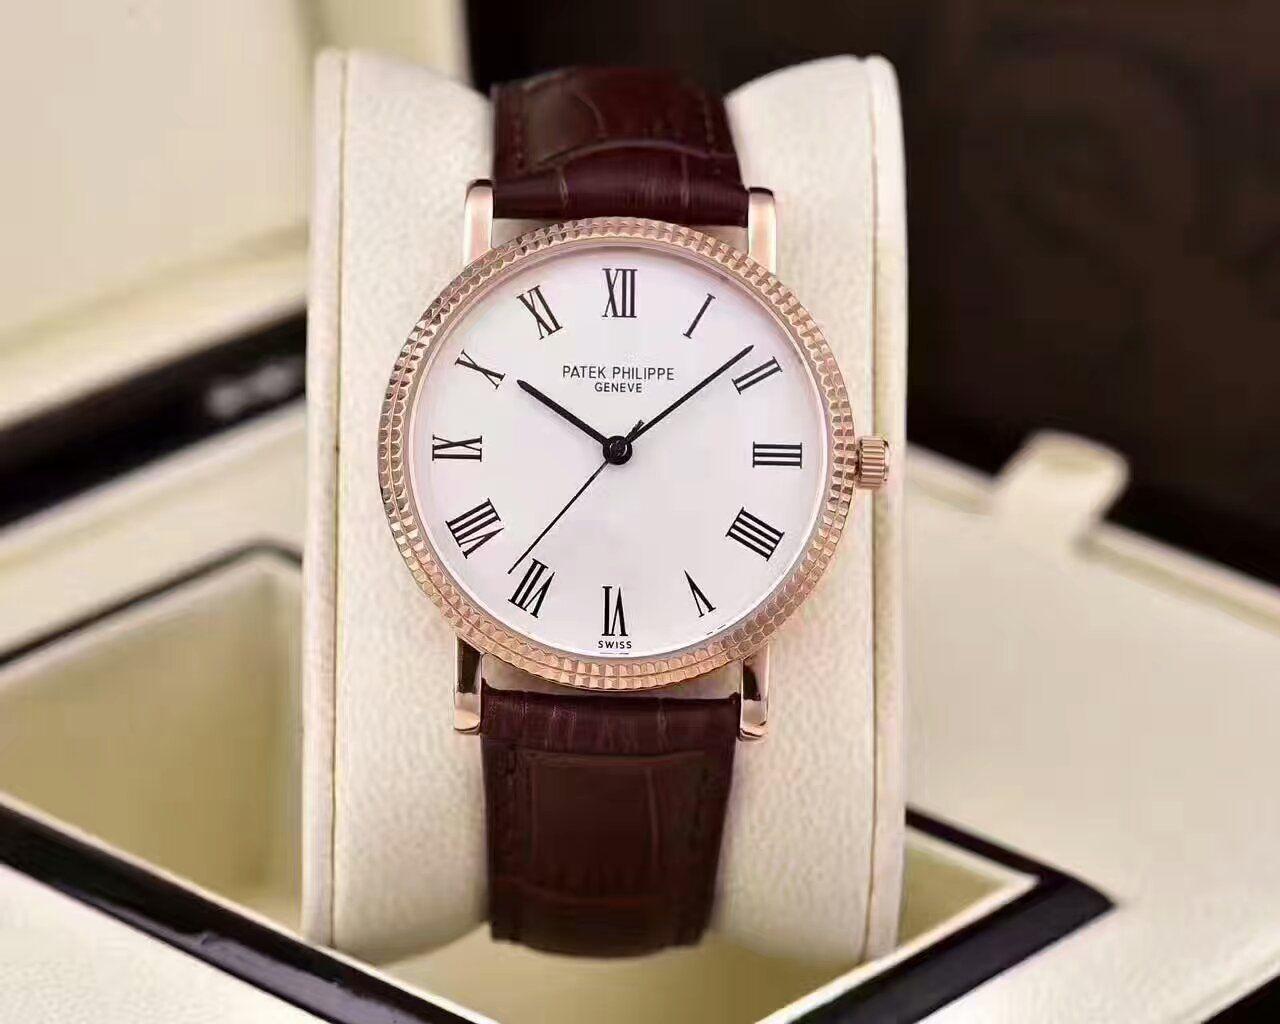 【HK厂一比一精仿手表】百达翡丽古典表系列5120G-001腕表 / BD190